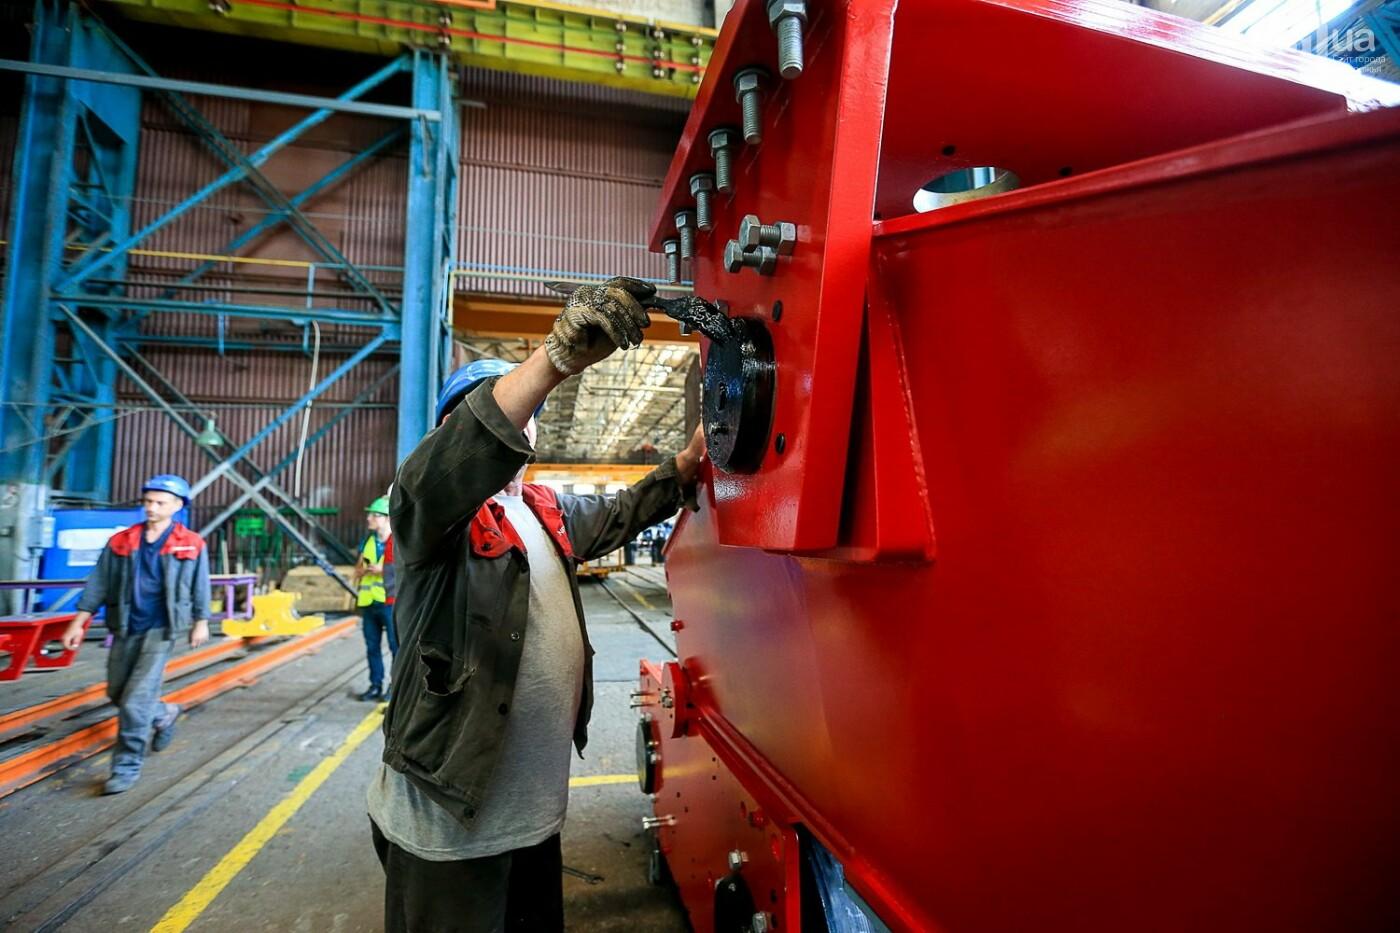 Как в Запорожье работает крупнейший в Европе завод по производству кранов: экскурсия на производство, — ФОТОРЕПОРТАЖ, фото-67